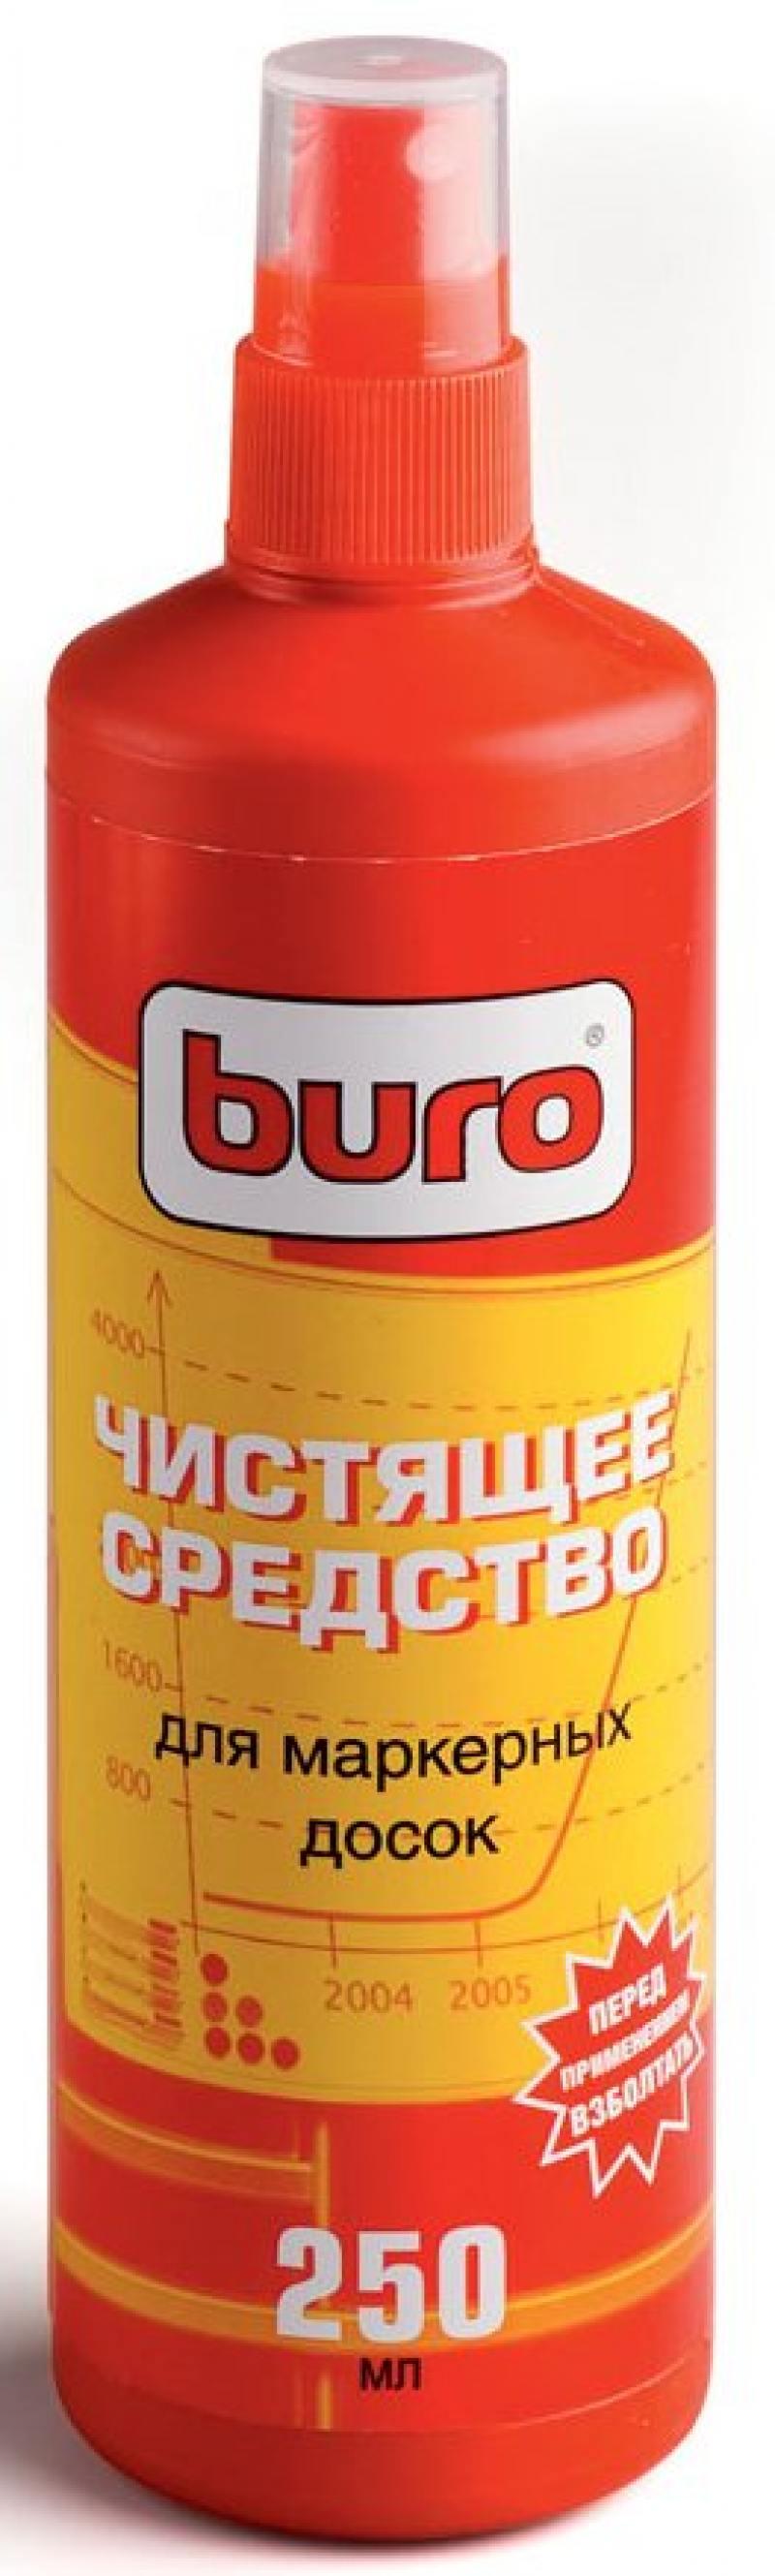 Чистящее средство Buro BU-Smark для очистки маркерных досок 250мл